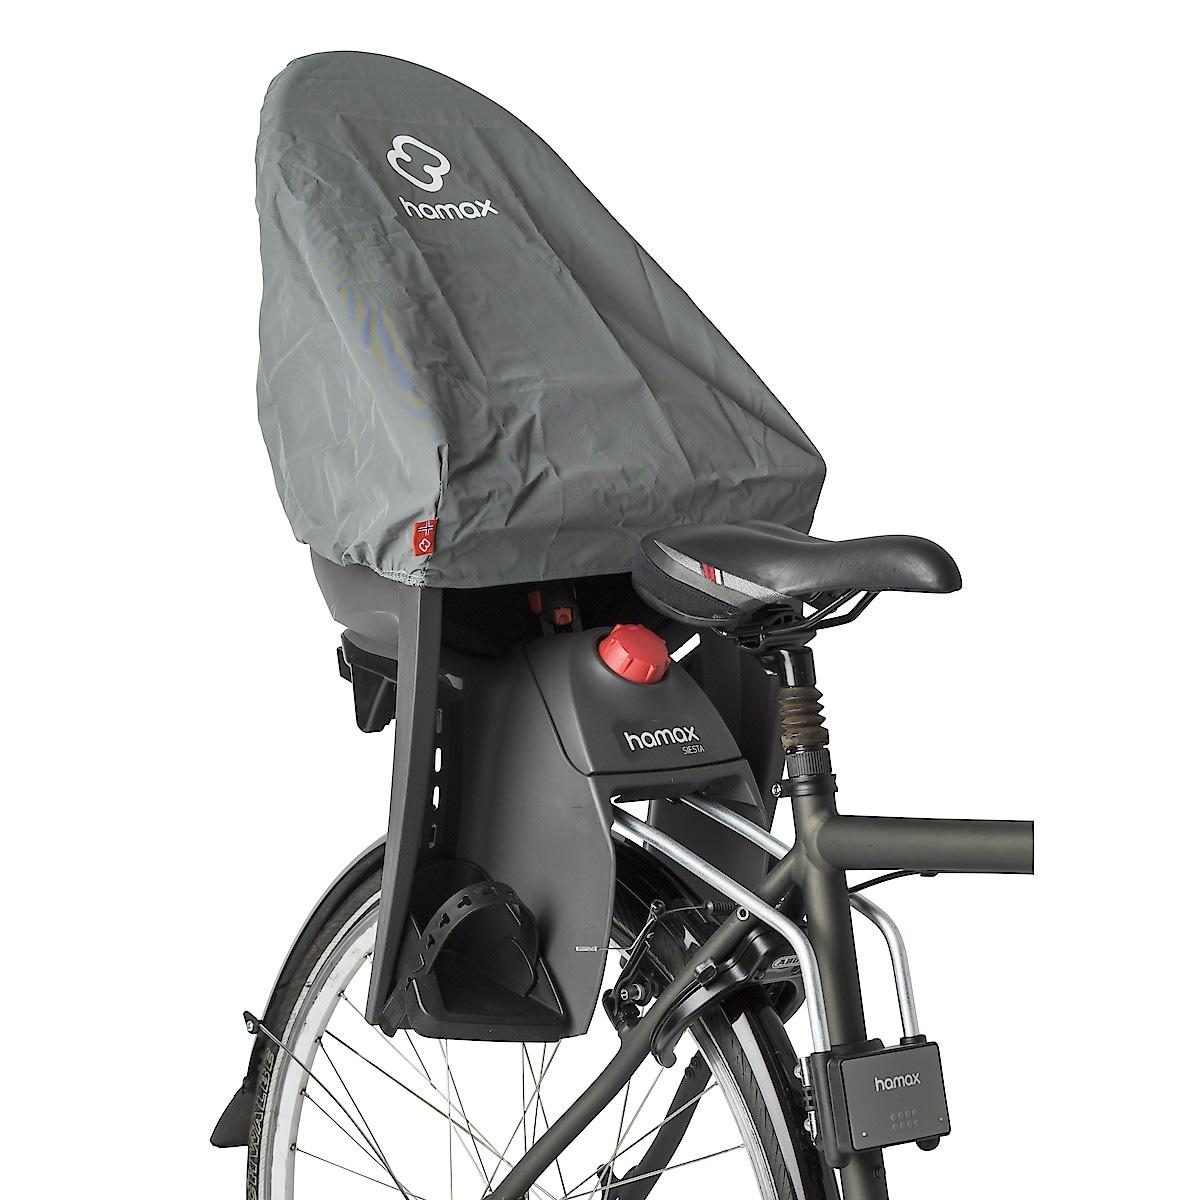 Regnskydd till cykelsits Hamax